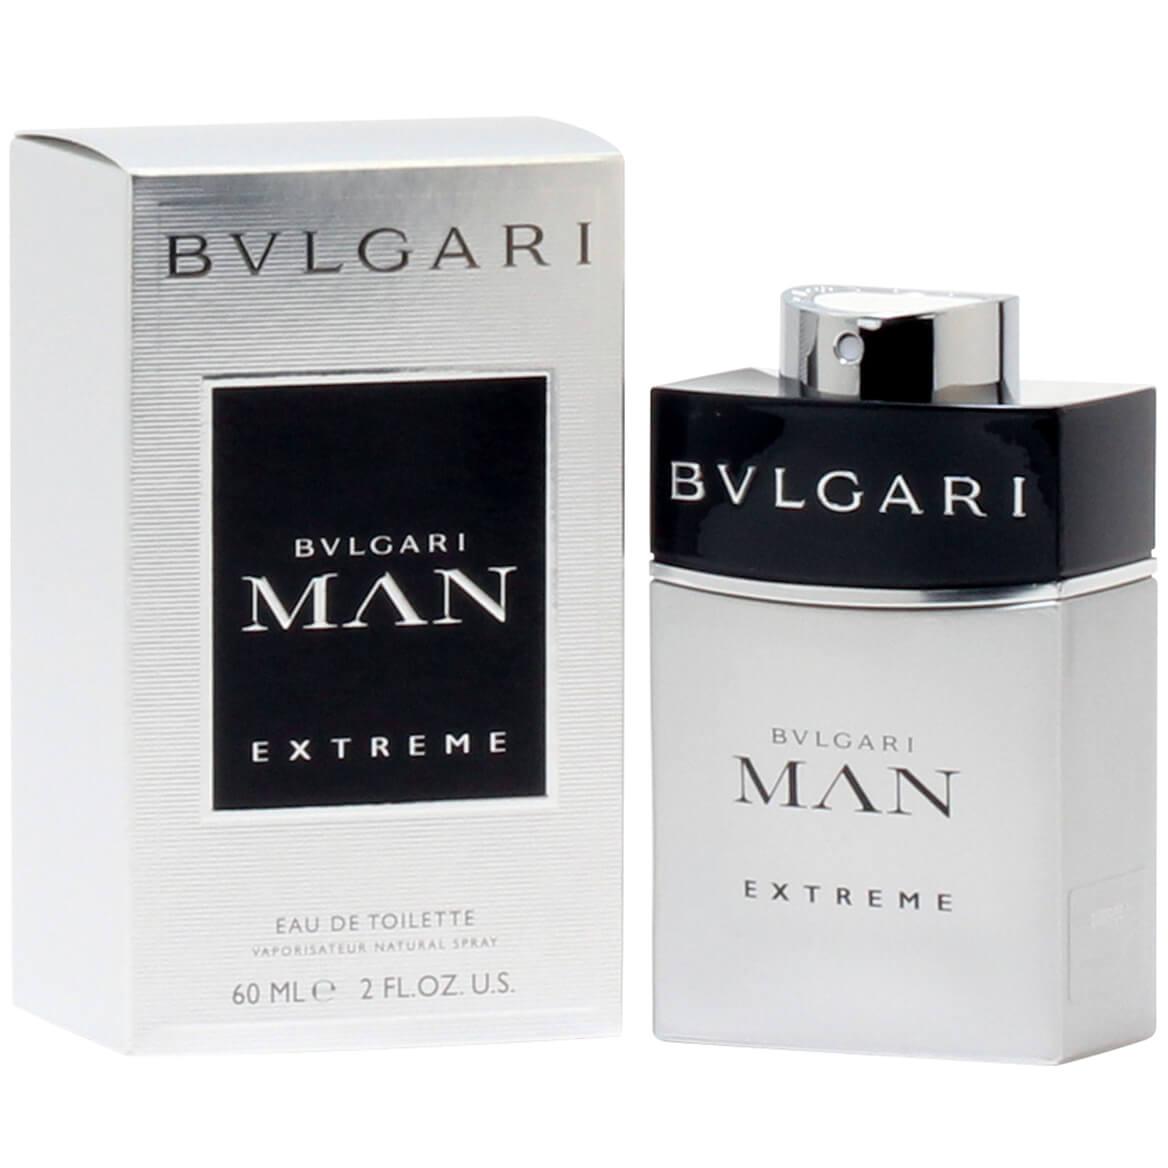 Bvlgari Man Extreme for Men EDT, 2 oz.-366808